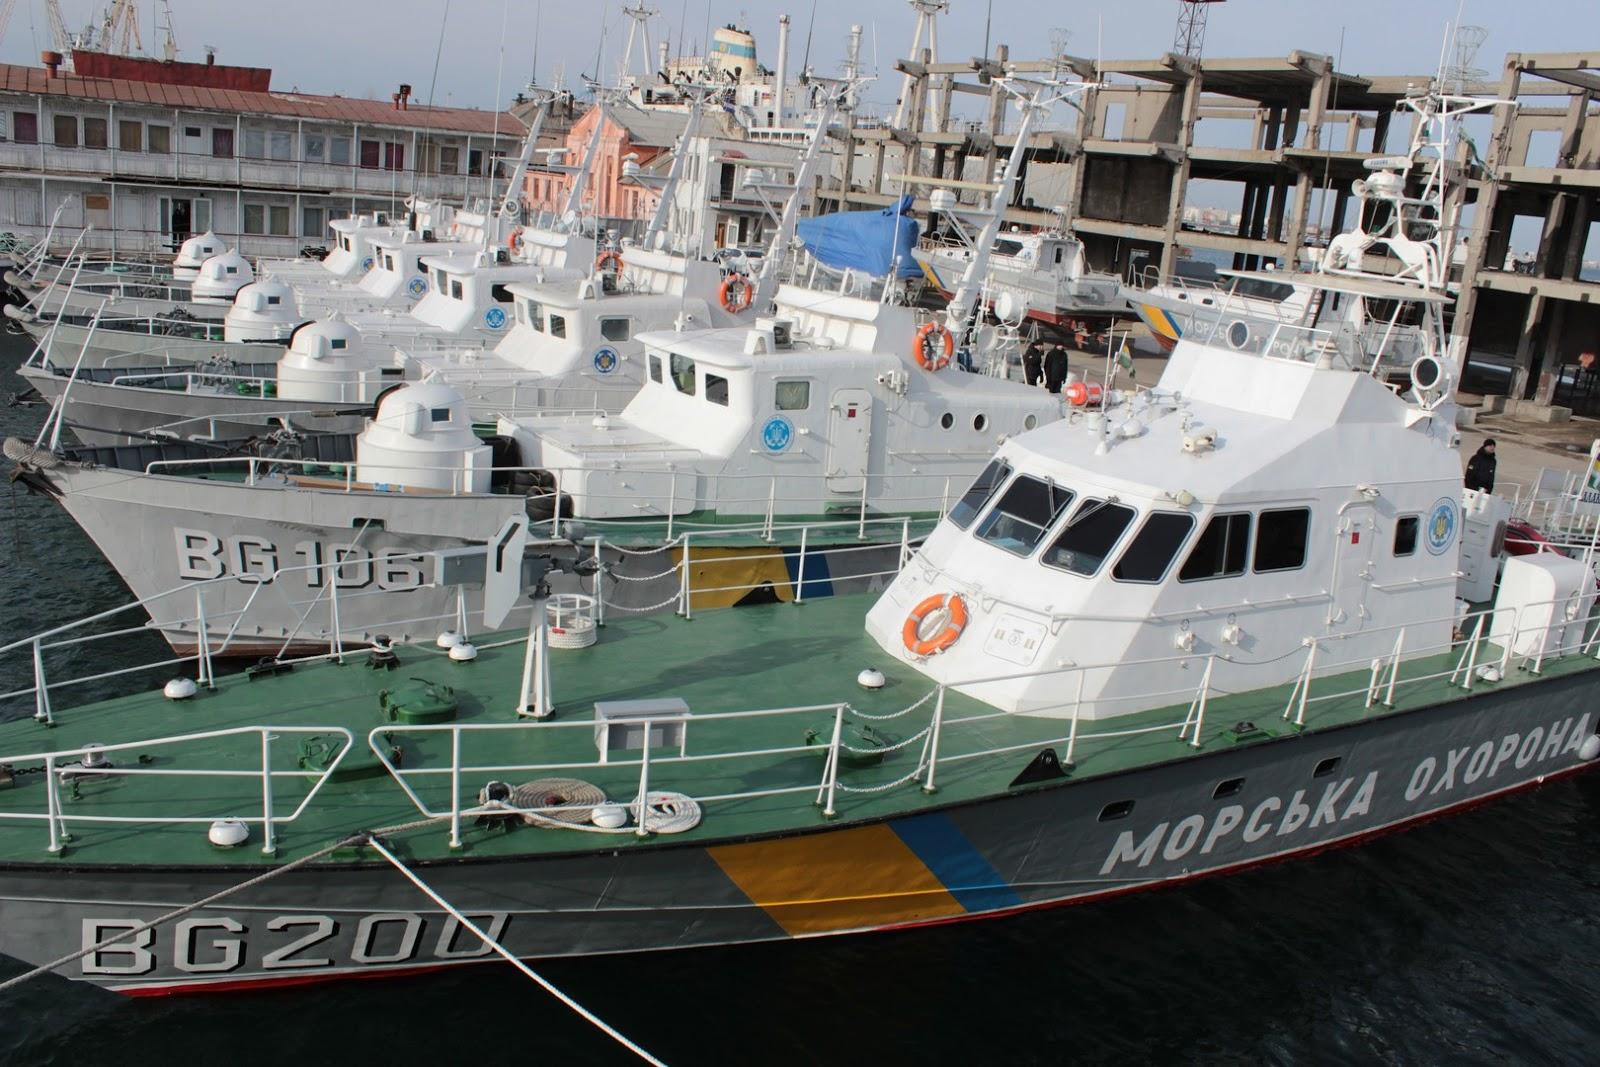 Морська охорона нарощує свої можливості